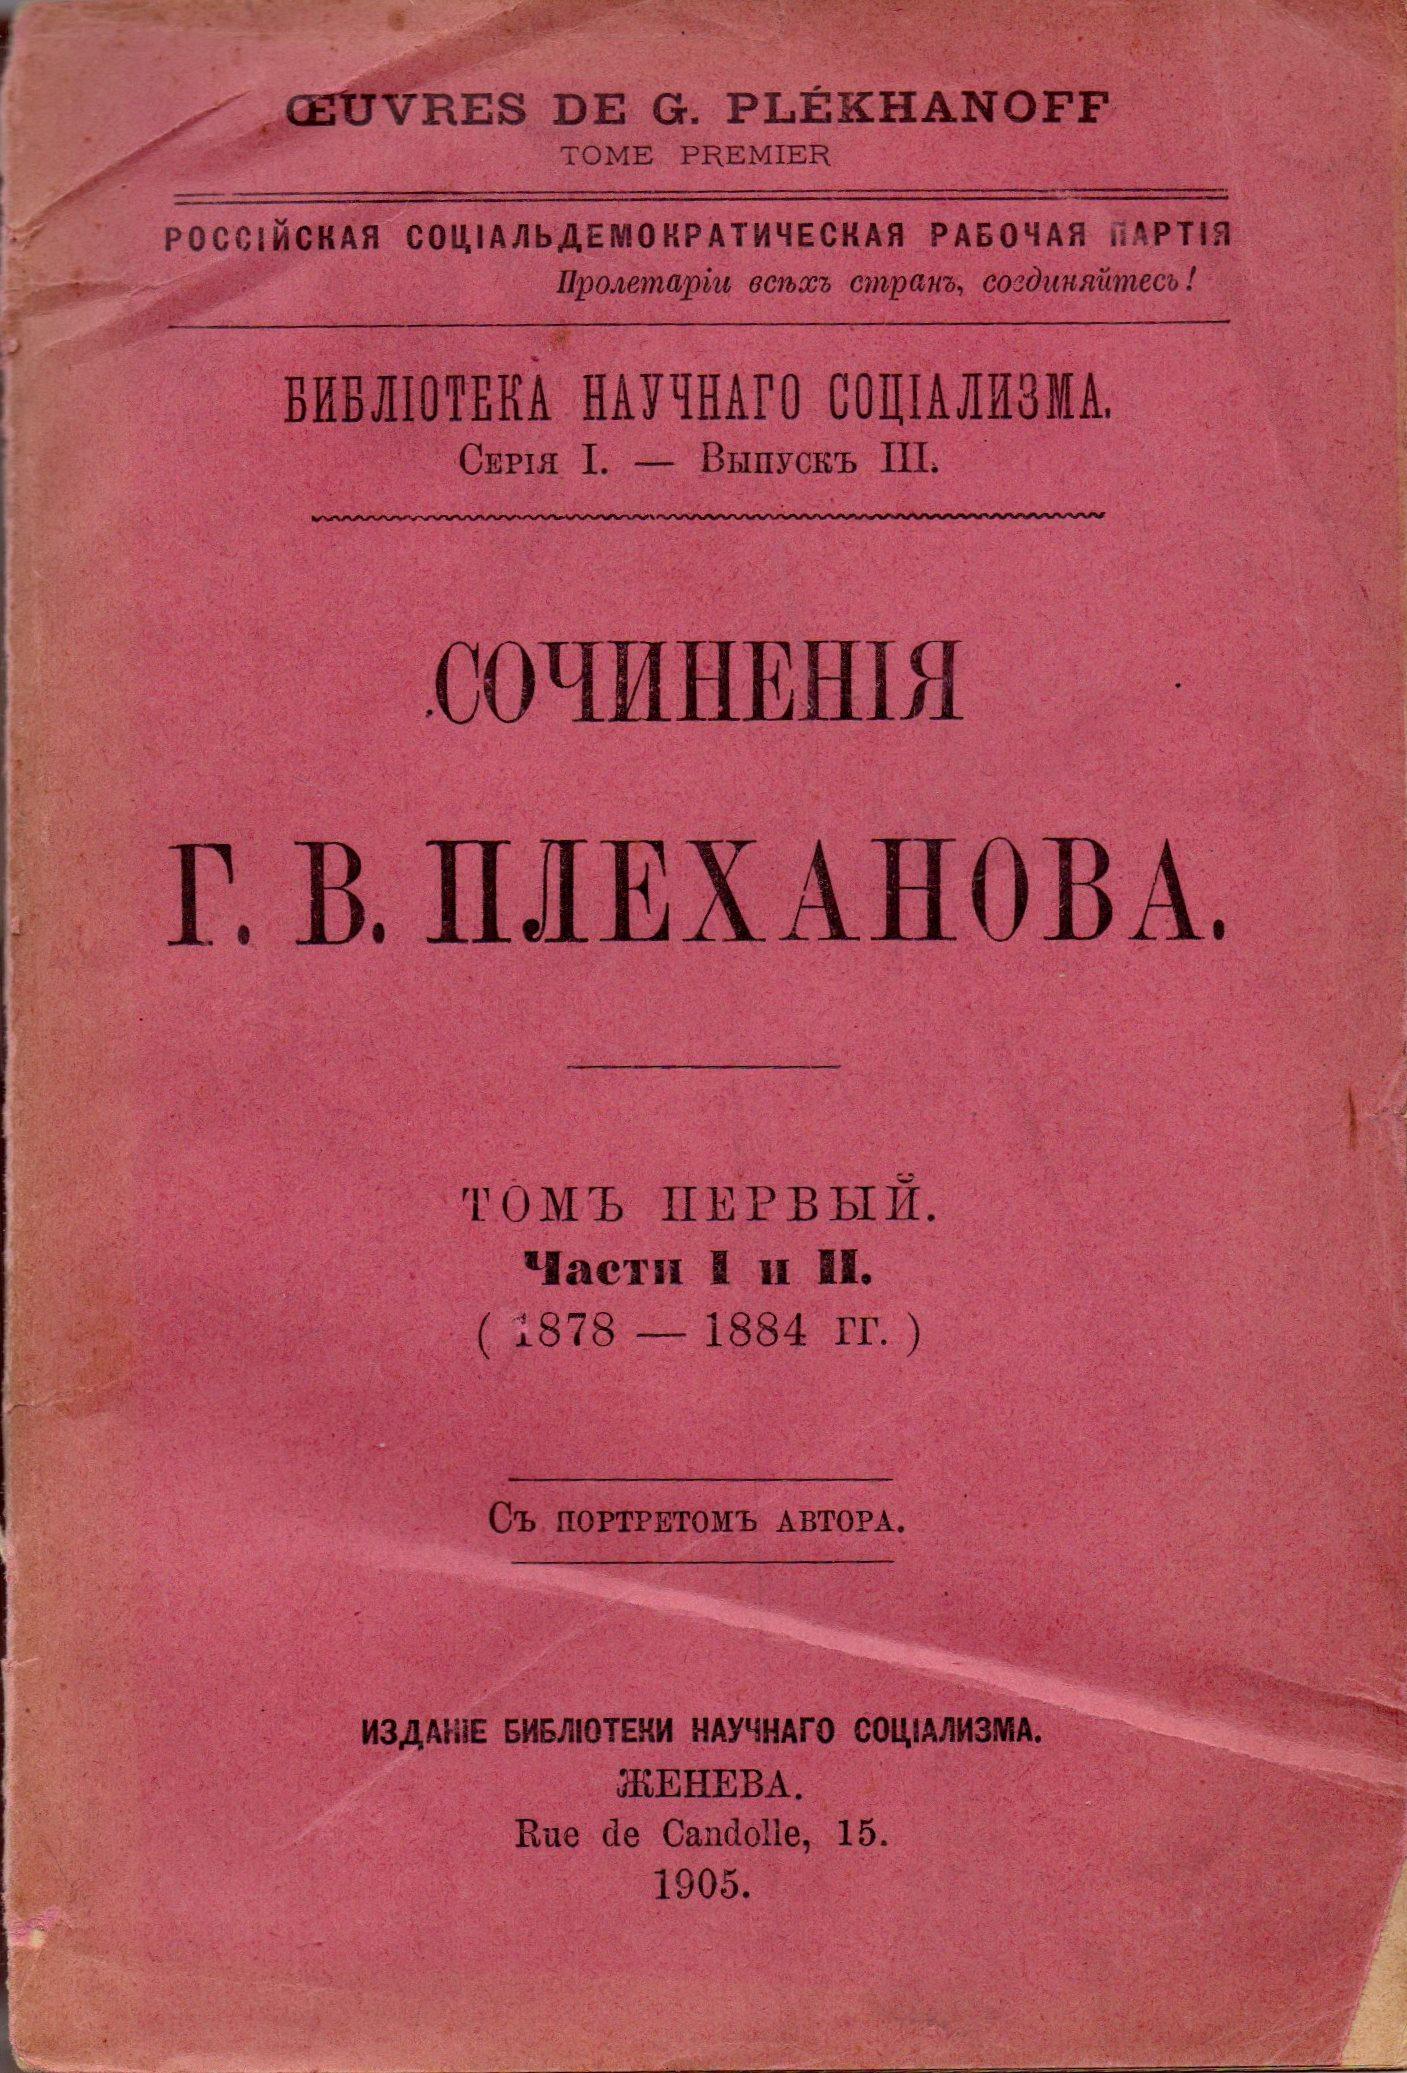 """Книга """"Твори Г. В. Плеханова. Т. І. Ч. І-ІІ. (1878-1884 рр.)"""""""